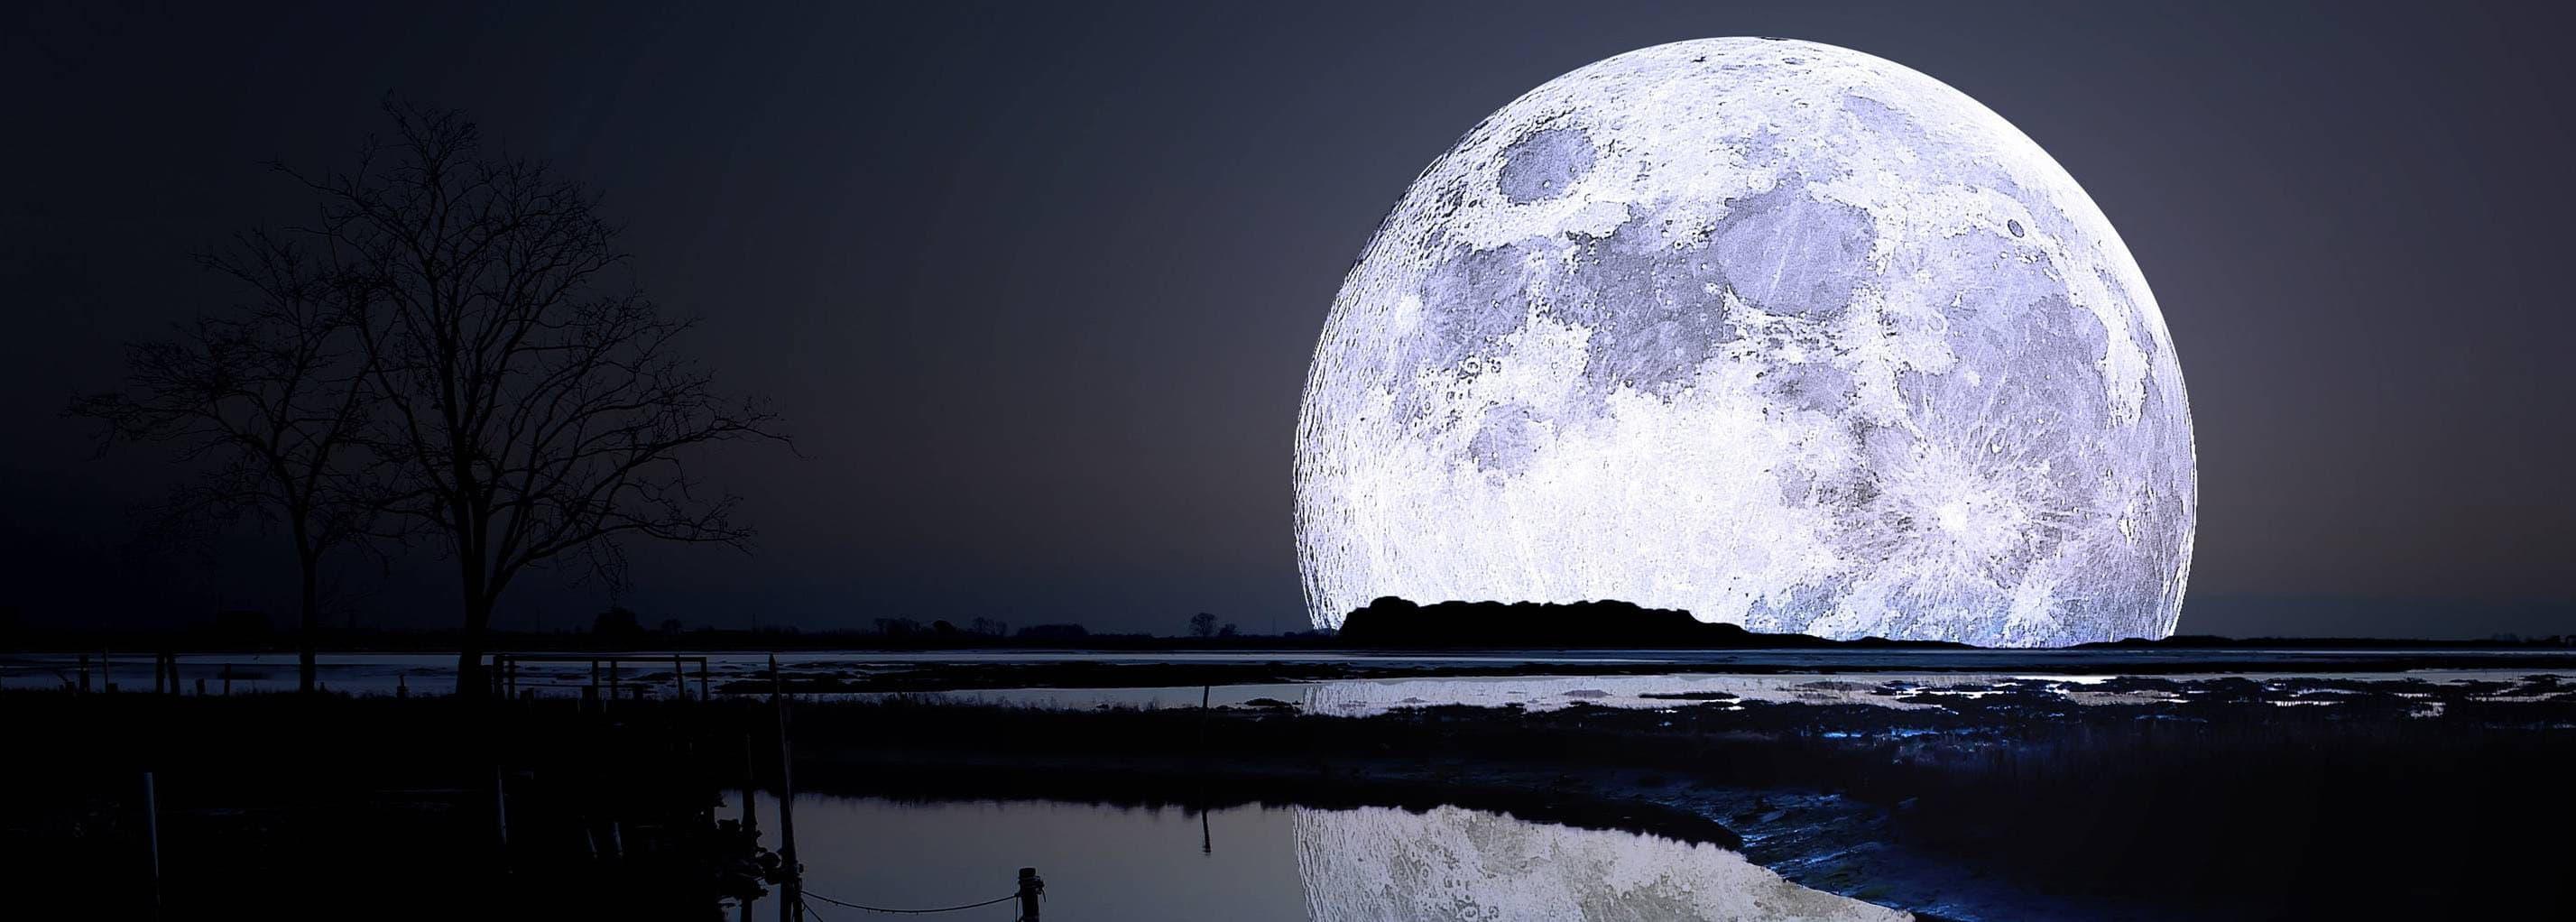 Nat i naturen